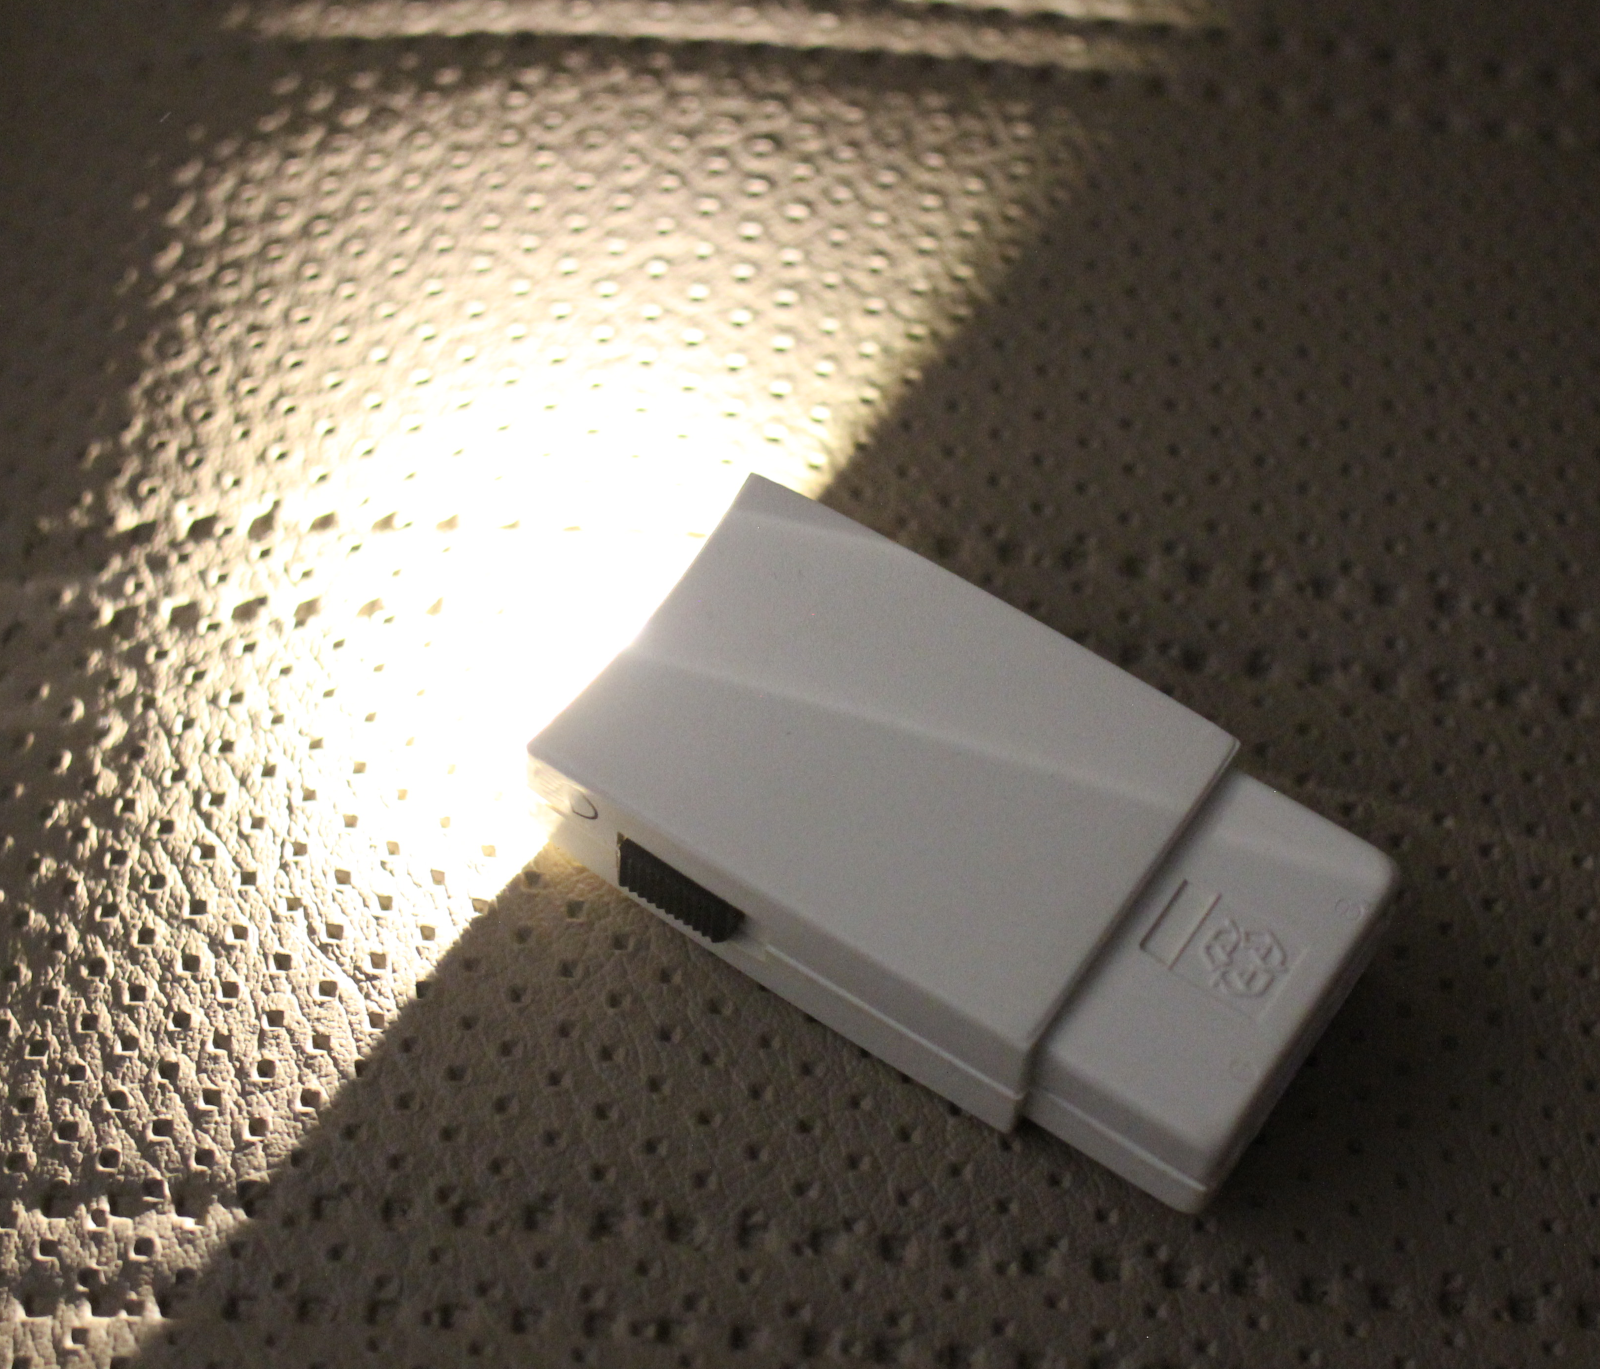 e30-flashlight-led